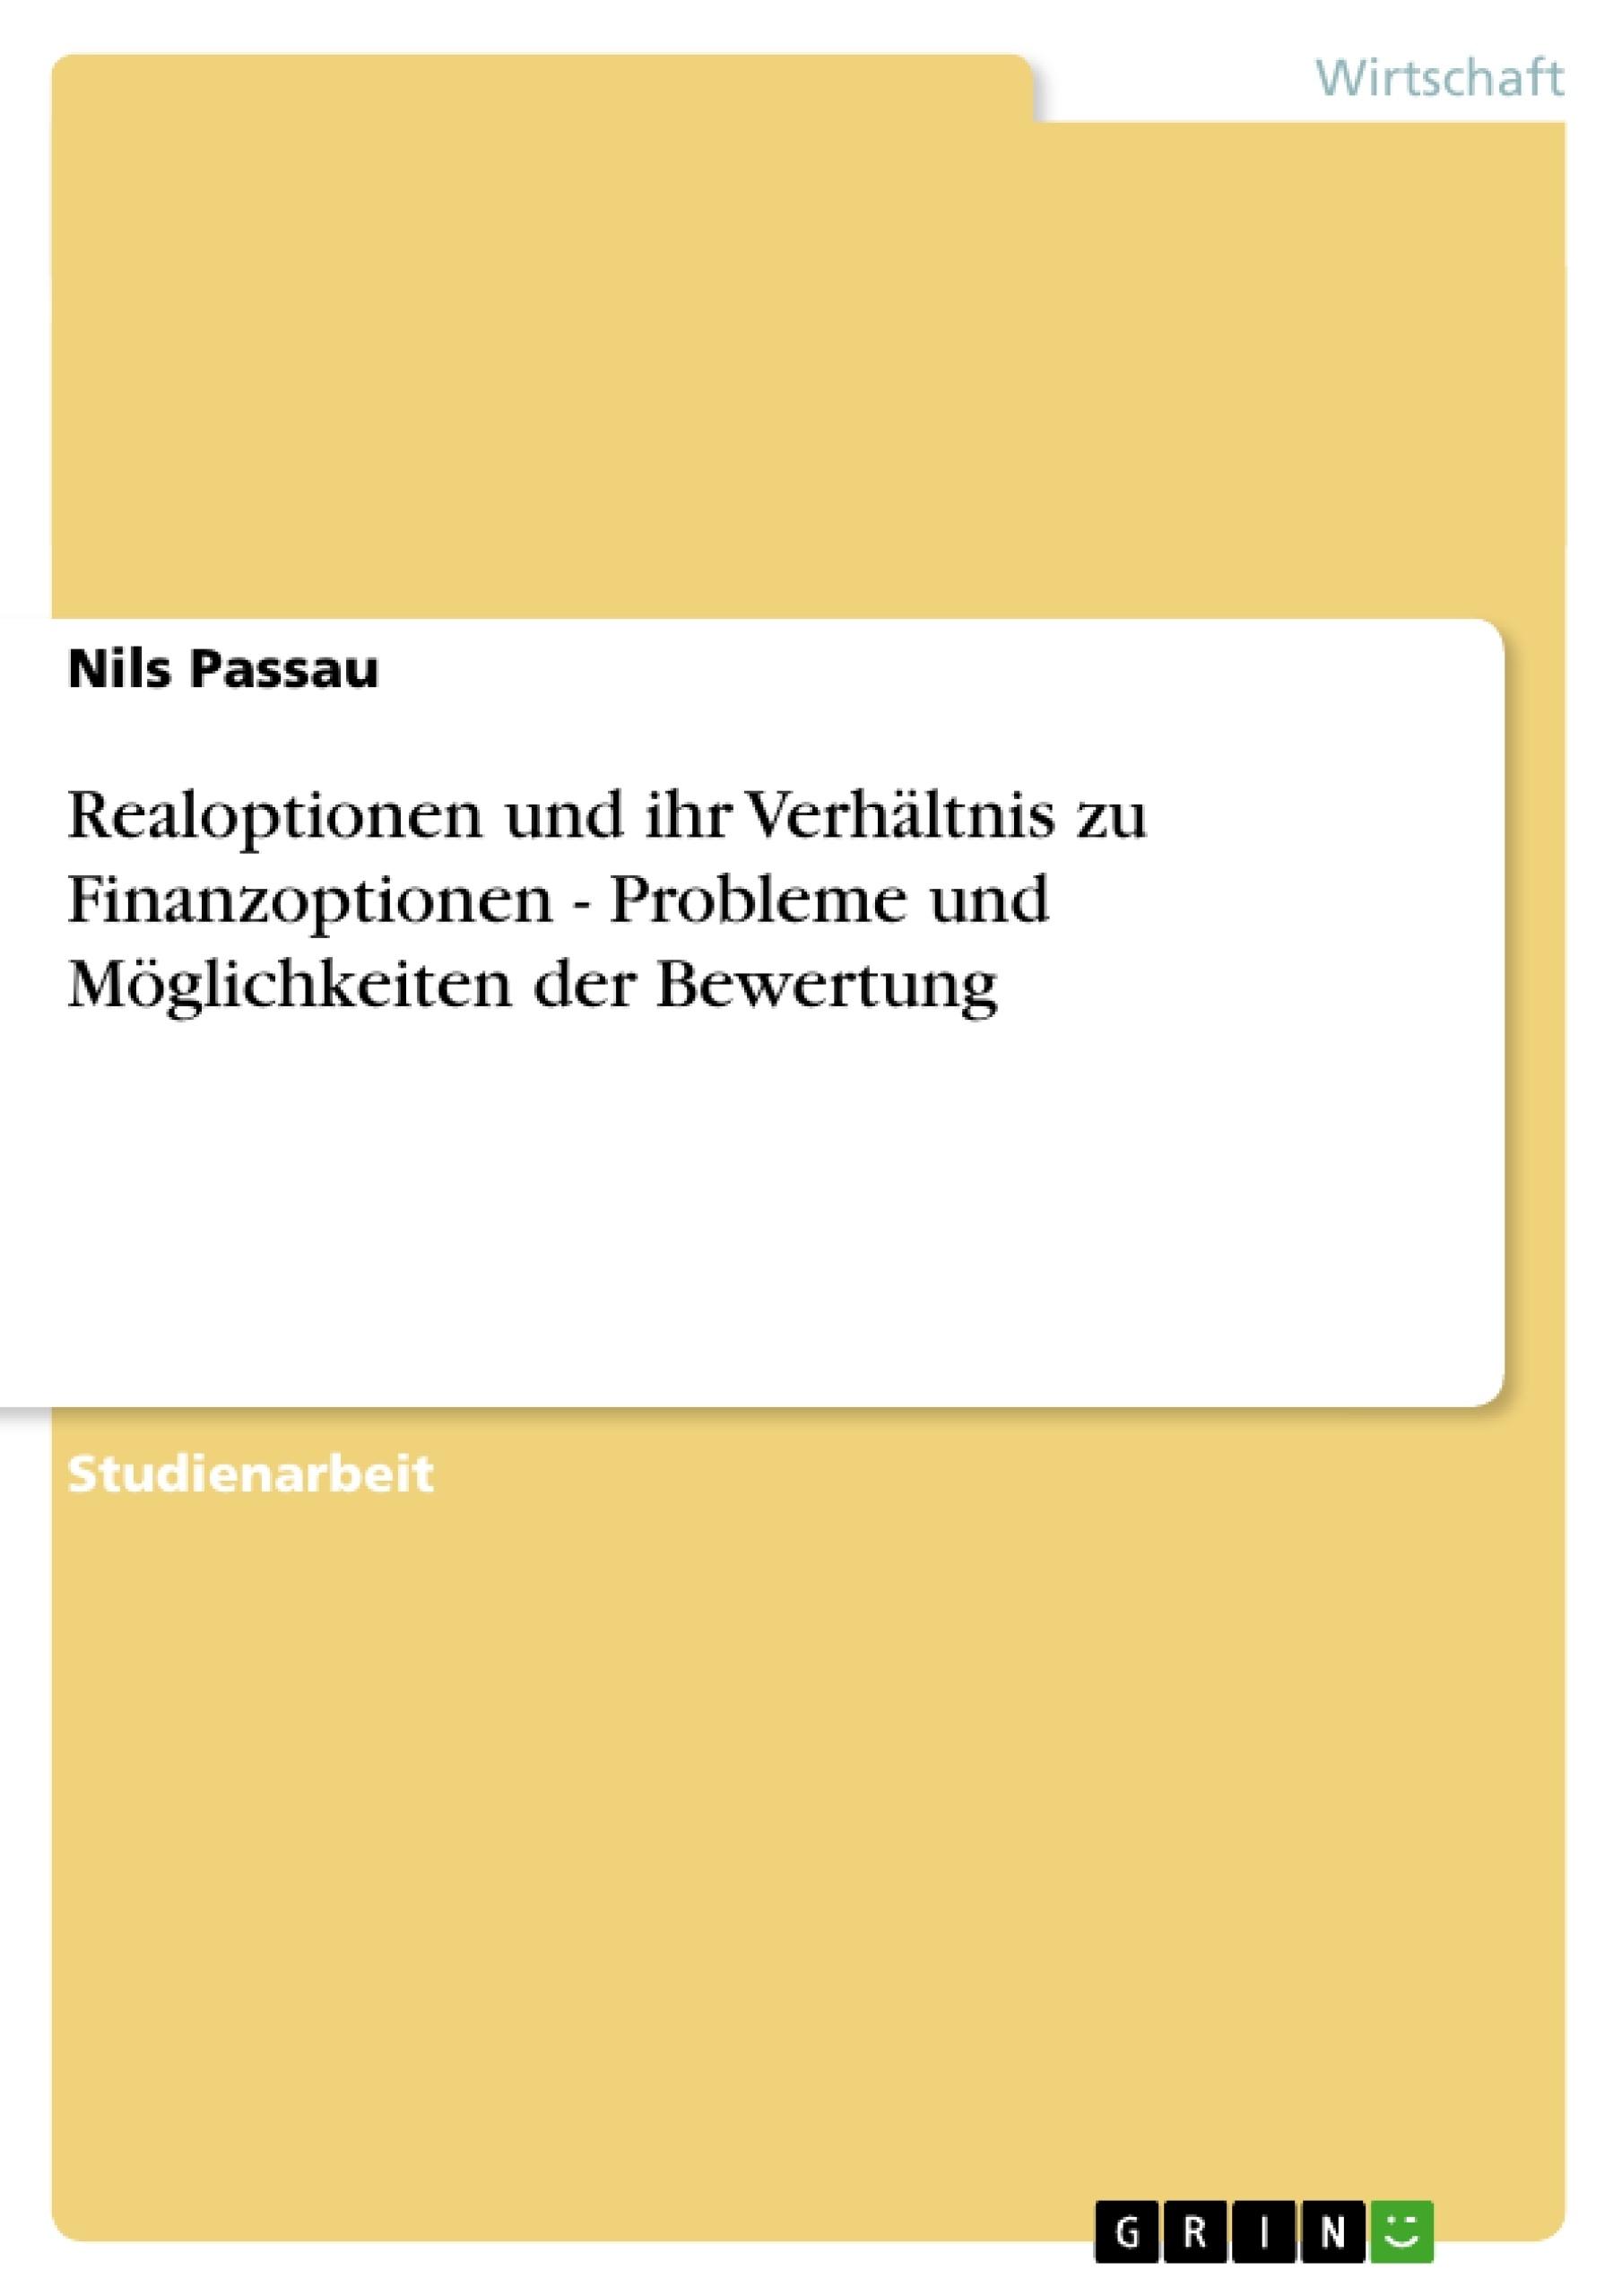 Titel: Realoptionen und ihr Verhältnis zu Finanzoptionen - Probleme und Möglichkeiten der Bewertung